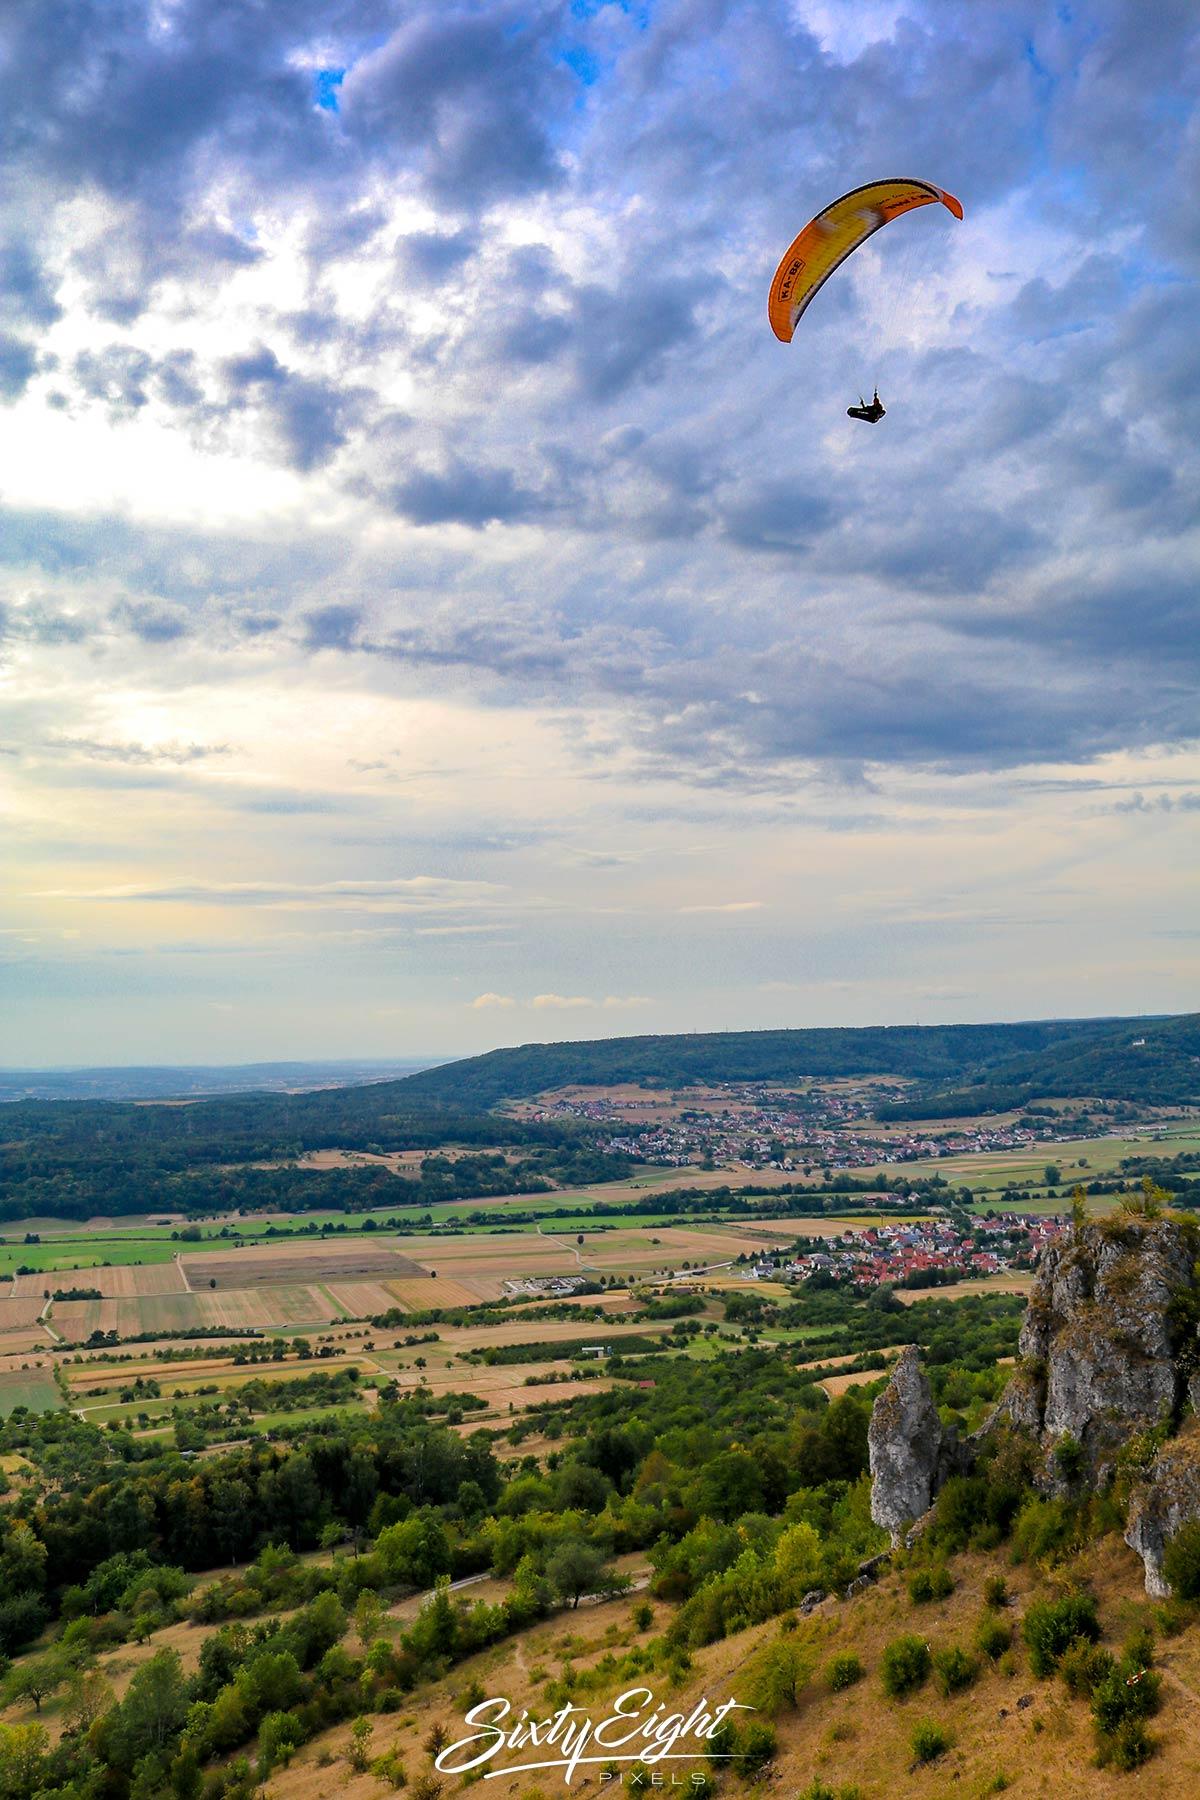 Gleitschirmflieger über dem Walberla in der fränkischen Alb